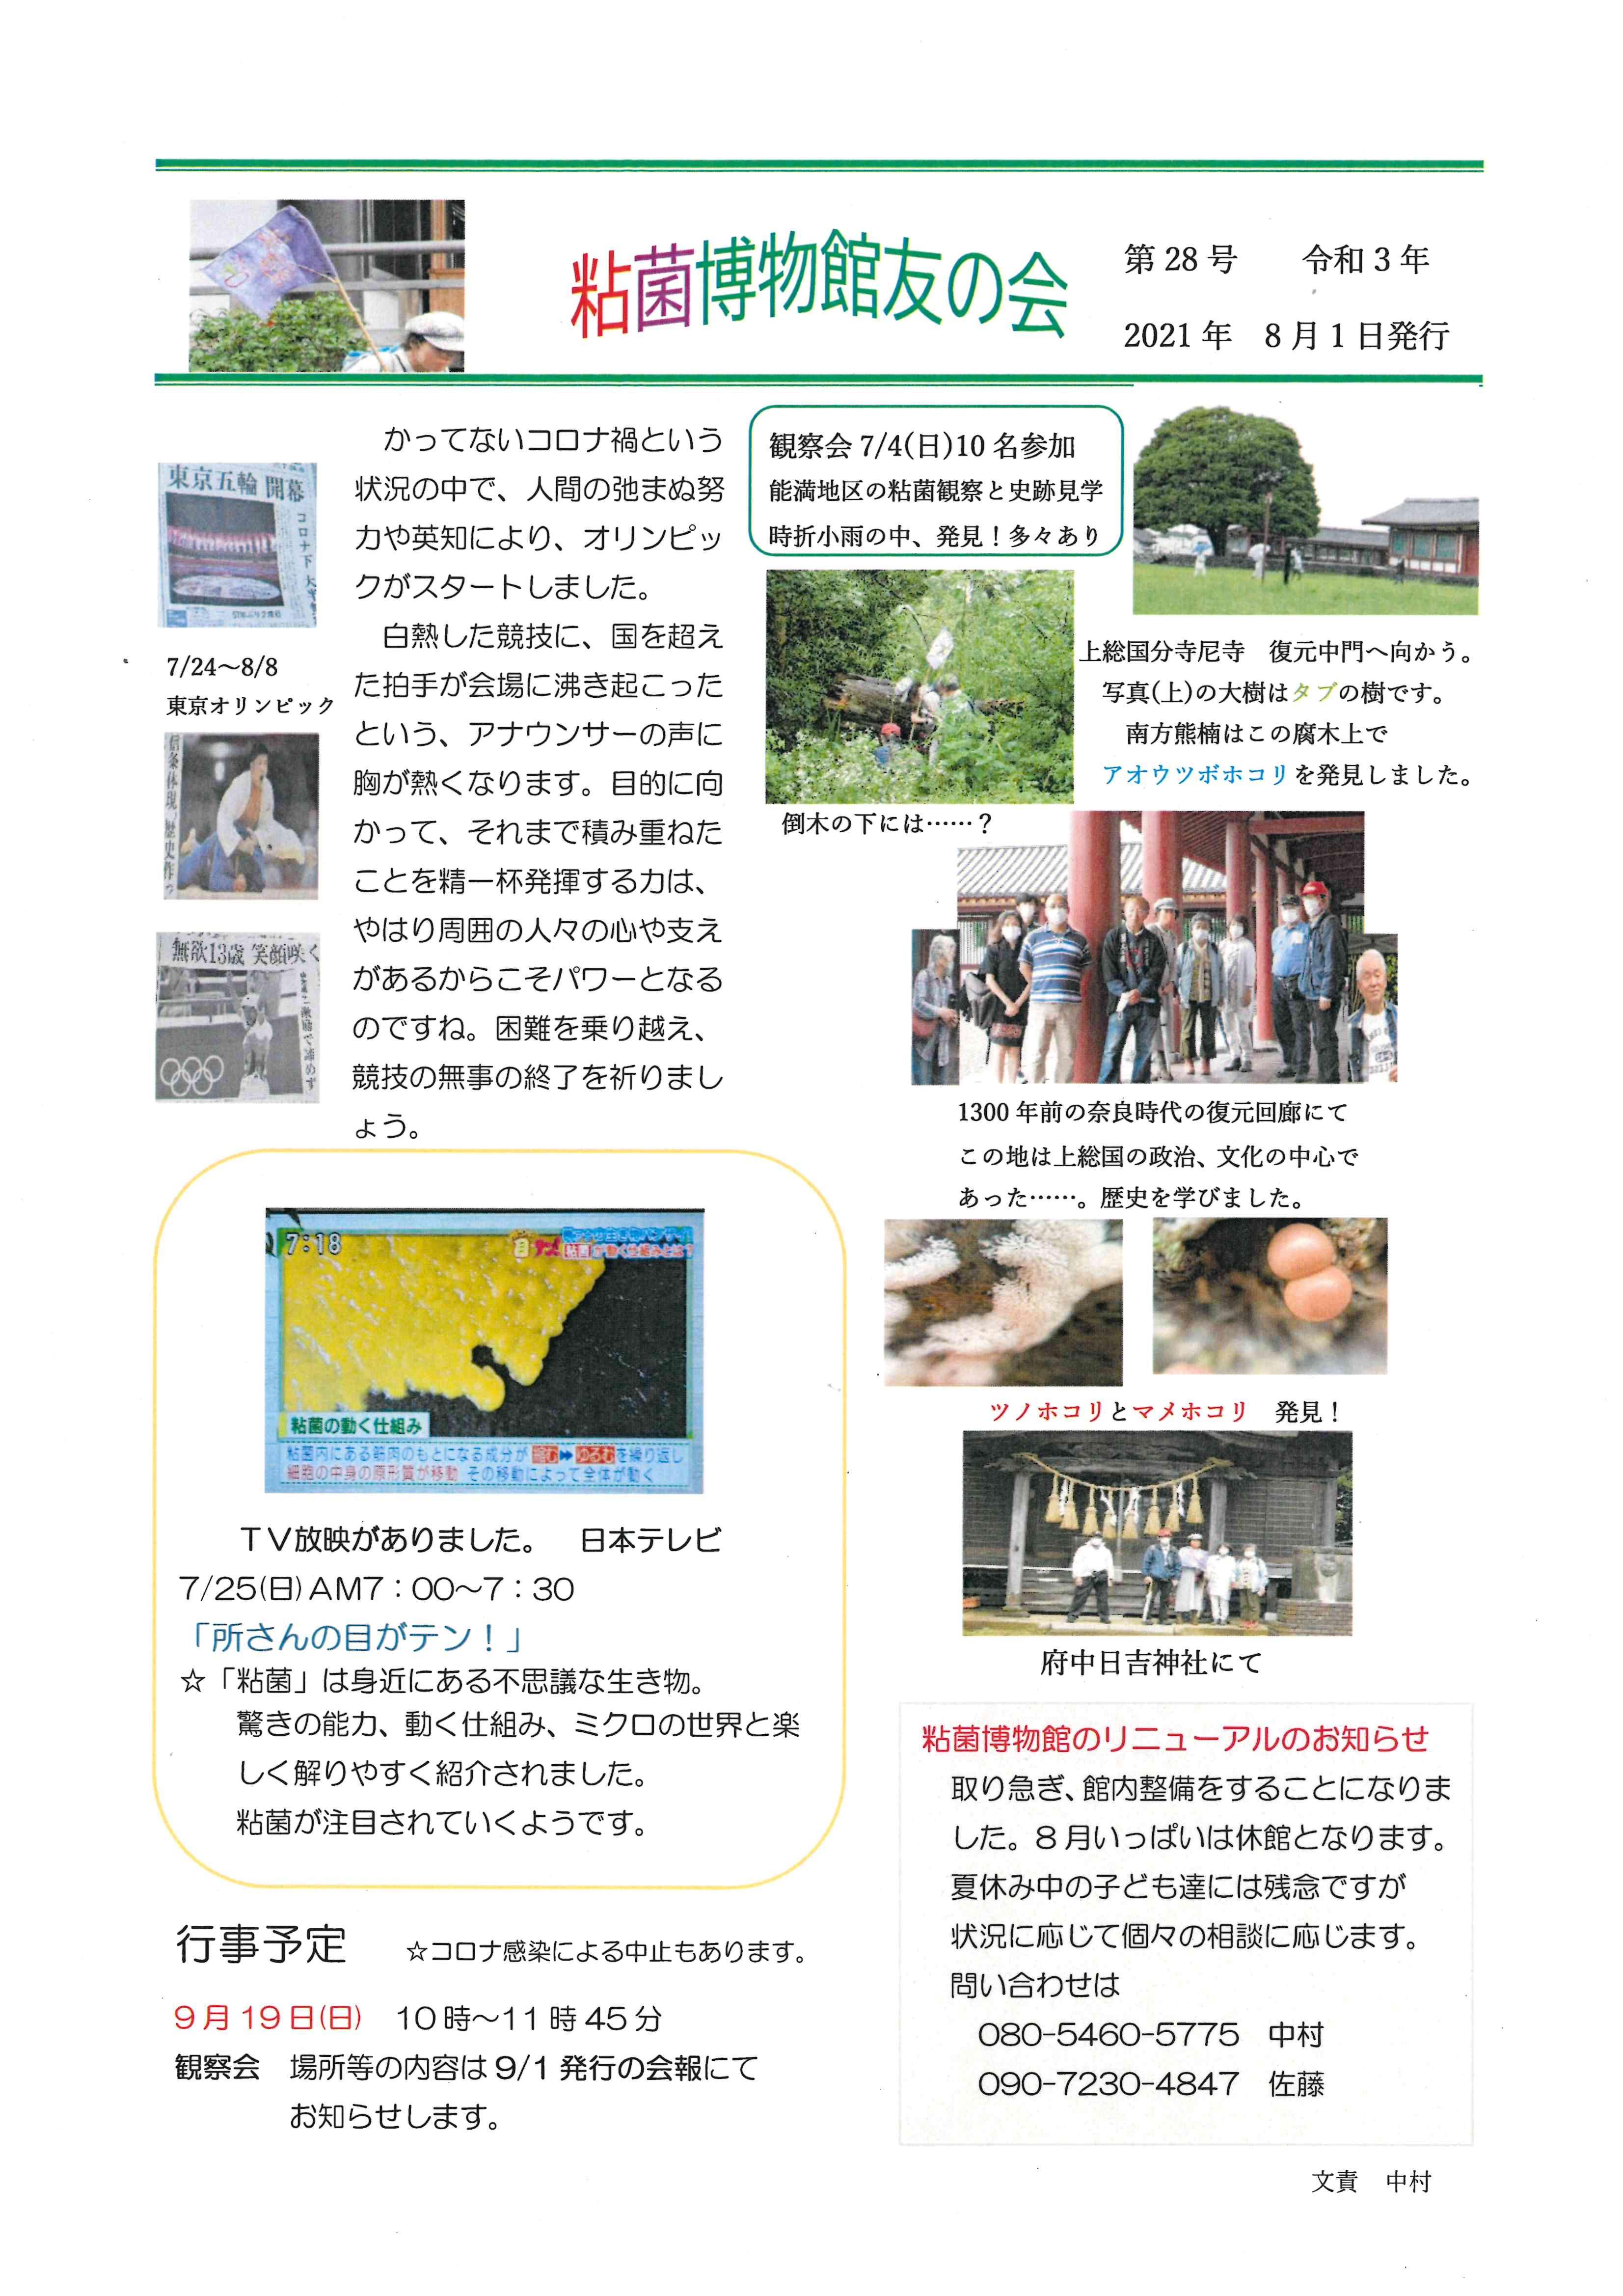 粘菌博物館友の会 会報第28号